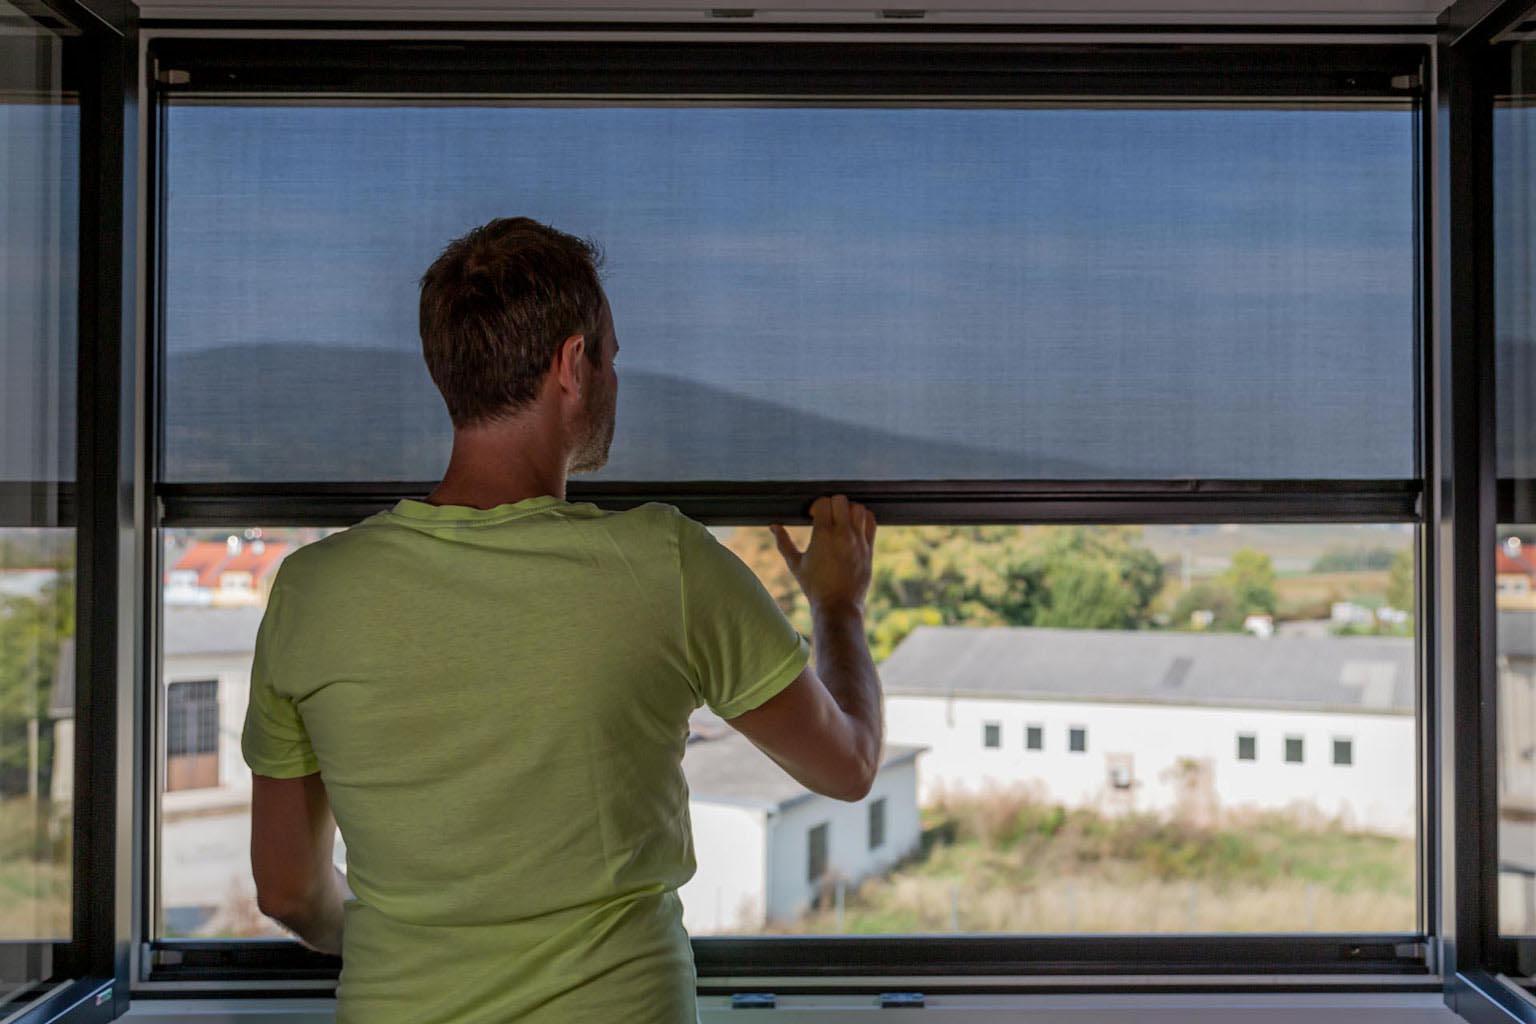 Full Size of Fensterrollo Innen Das Auenrollo Einzige Zum Klemmen Sonnenschutzfolie Fenster Sprüche T Shirt Junggesellinnenabschied Jalousien Sonnenschutz Rollos Küche Wohnzimmer Fensterrollo Innen